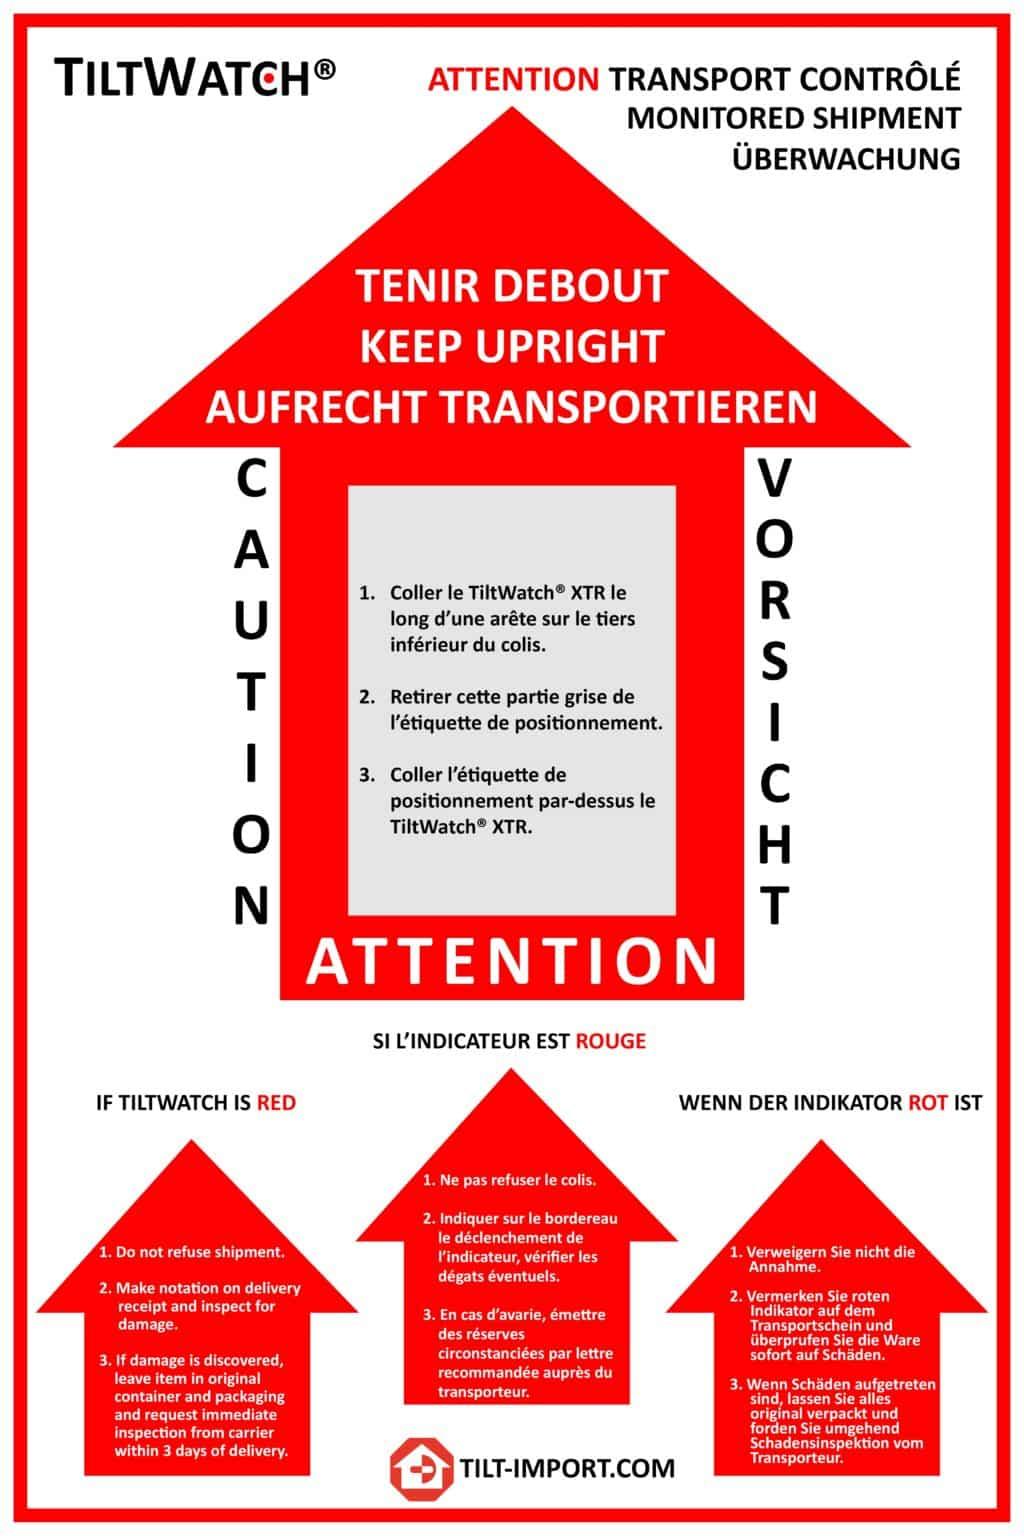 image de l'étiquette de positionnement de l'indicateur de renversement TiltWatch XTR